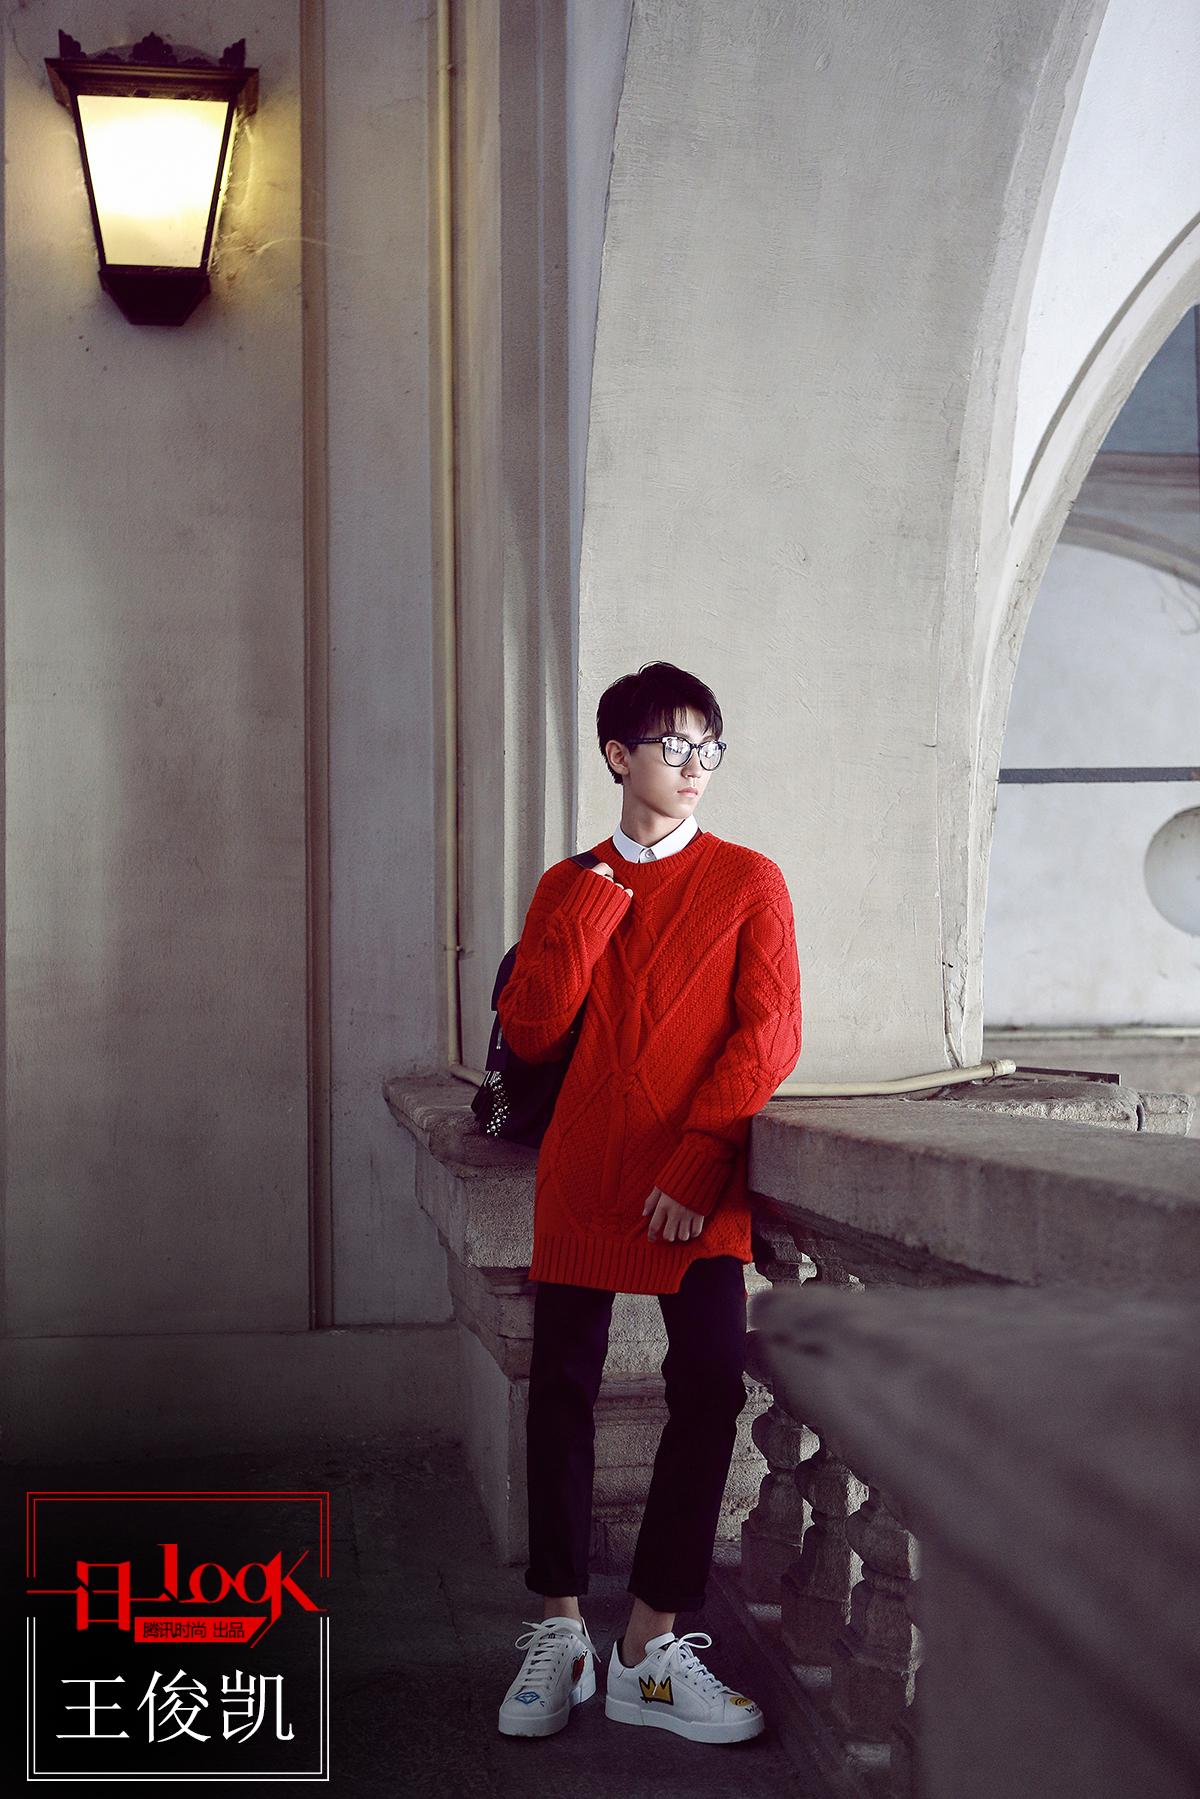 一日一look 王俊凯的毕业旅行之少年的诗和远方